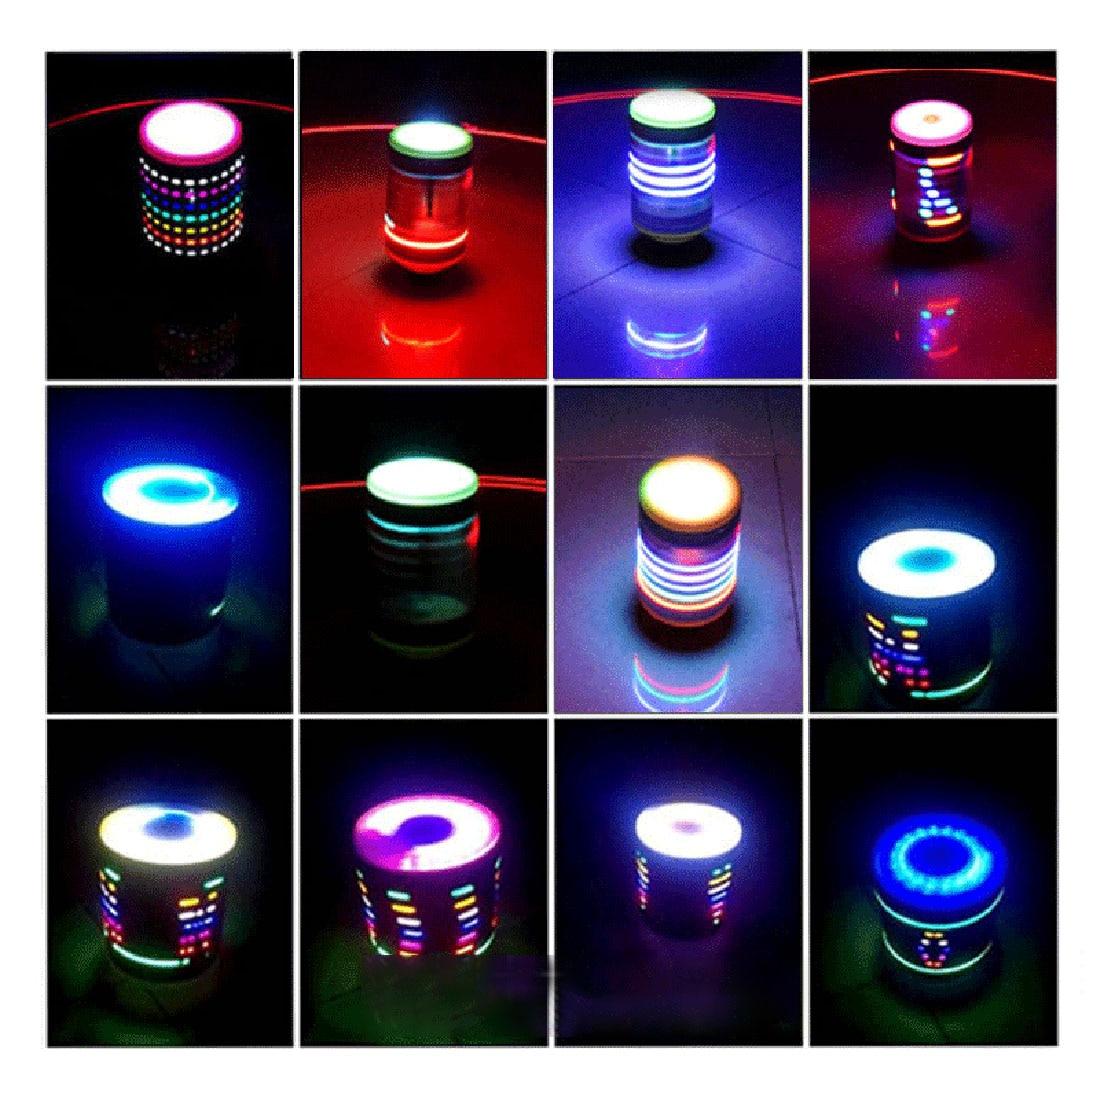 Surwish 132mm/114mm/108mm/89mm (D) en acier inoxydable Fitness musique Gyro jouet avec lumières enfants enfants cadeaux de noël 2019 argent - 5